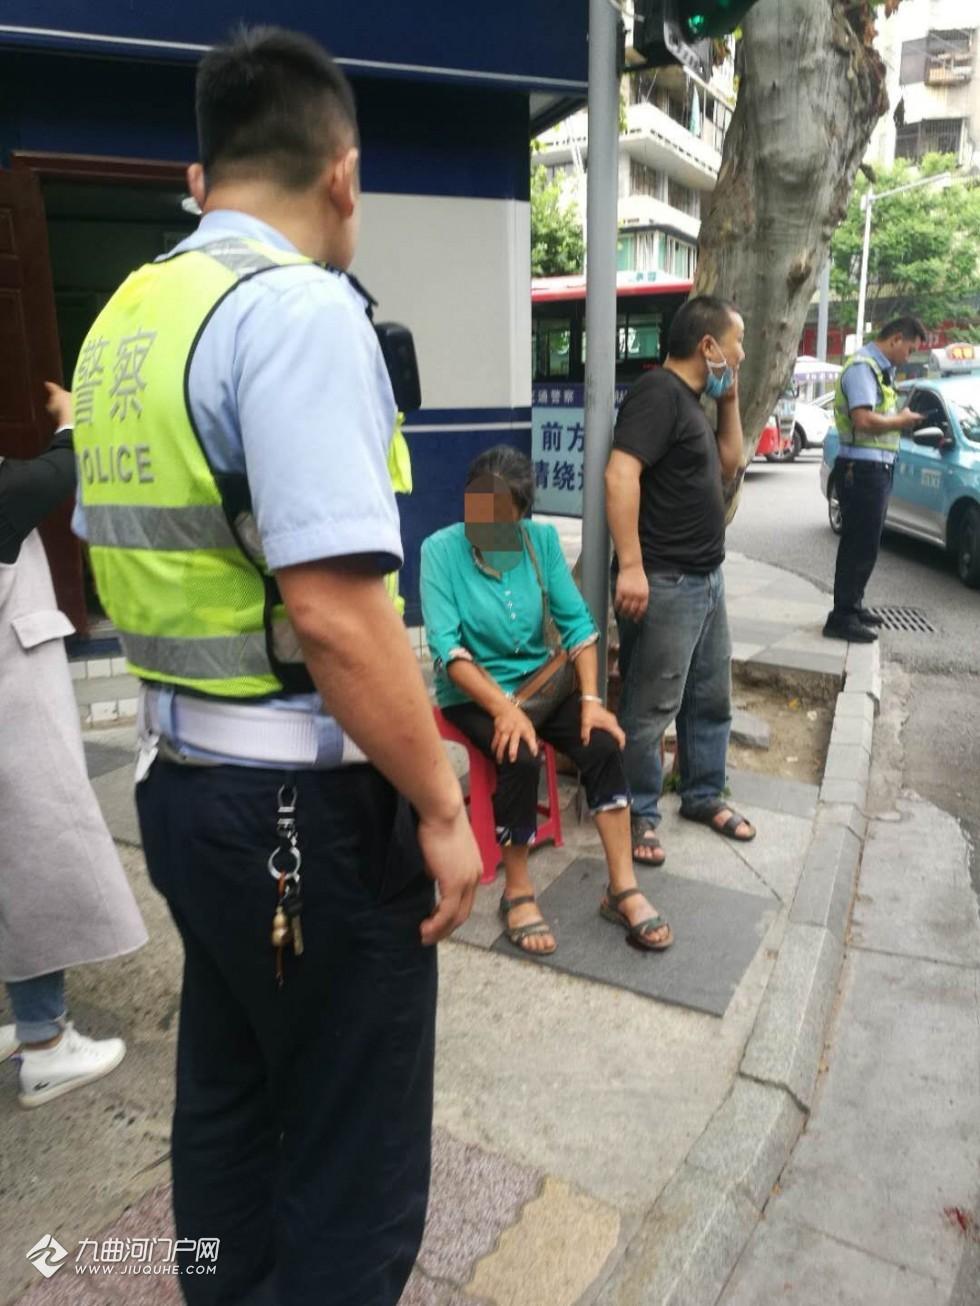 资阳和平路火车站十字路口,一女子不慎被10路公交车撵压到左脚!